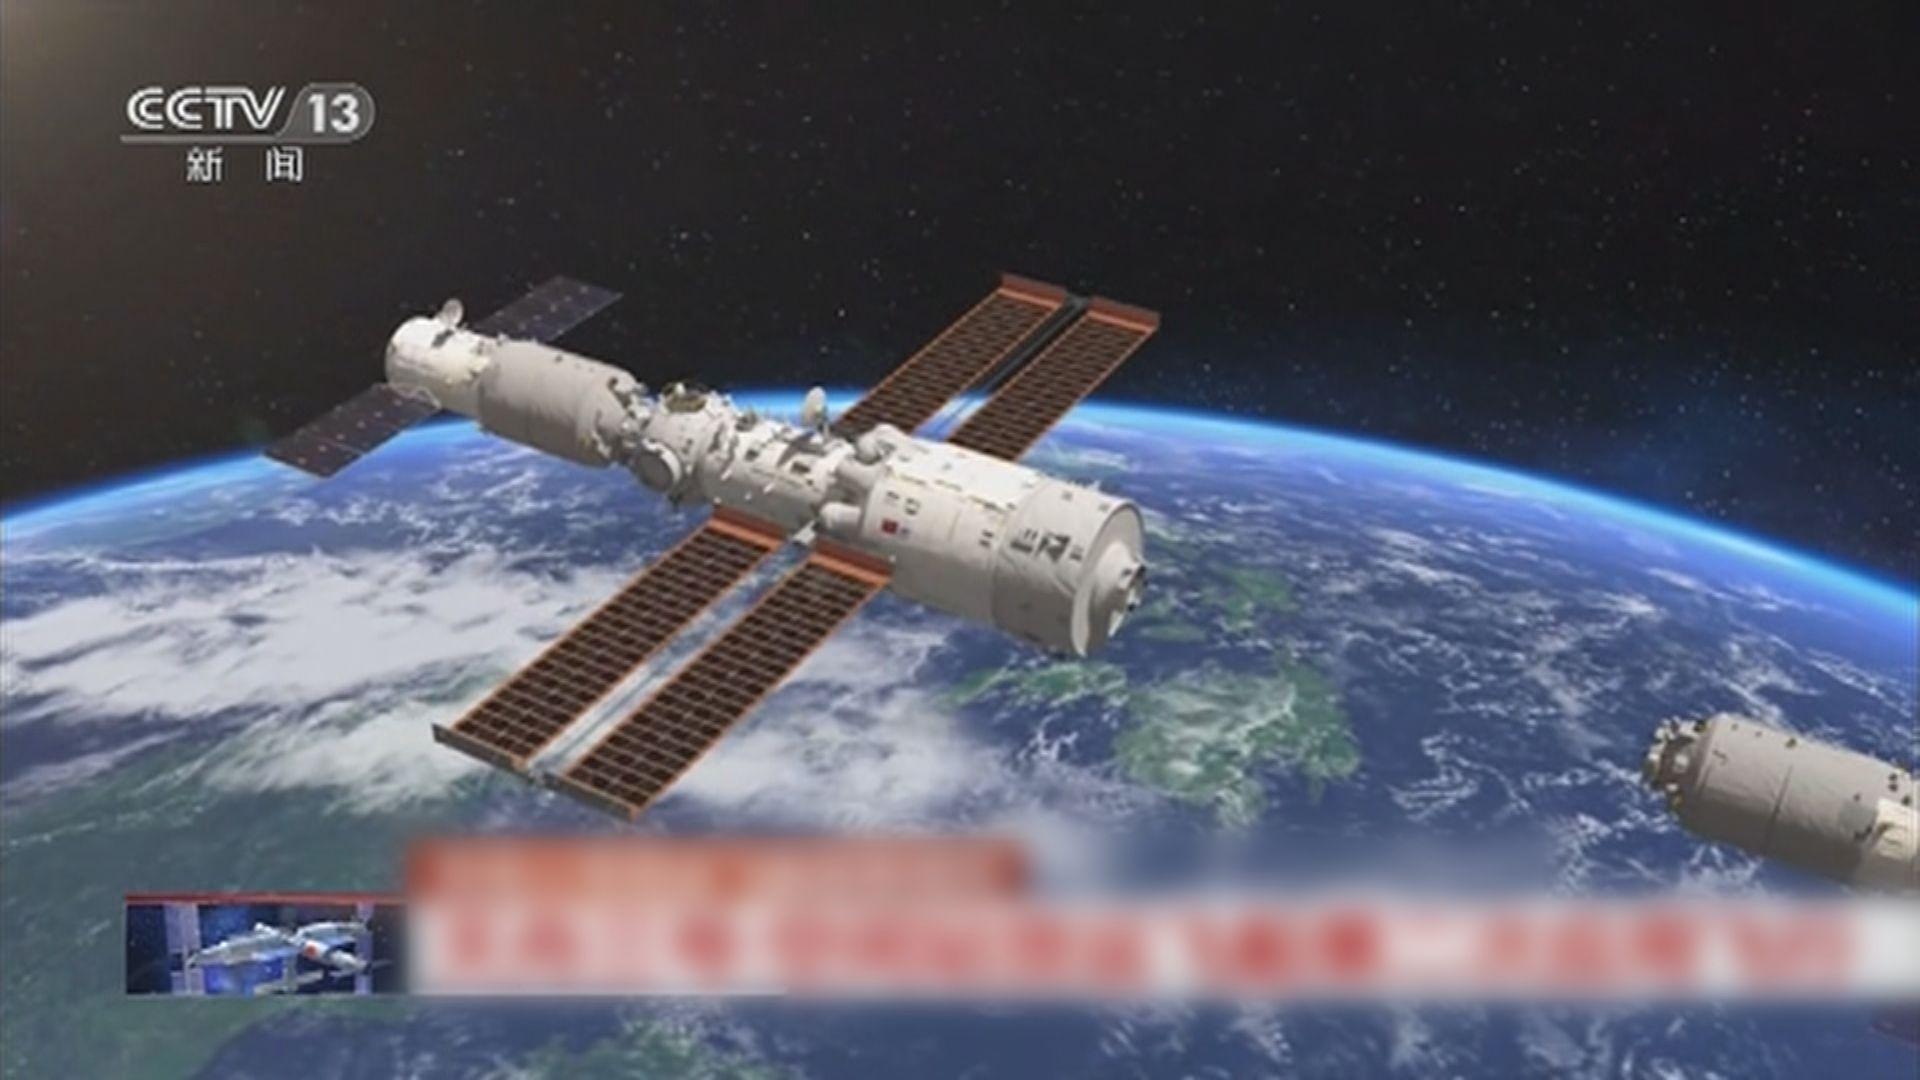 天舟三號貨運飛船升空並進入預定軌道